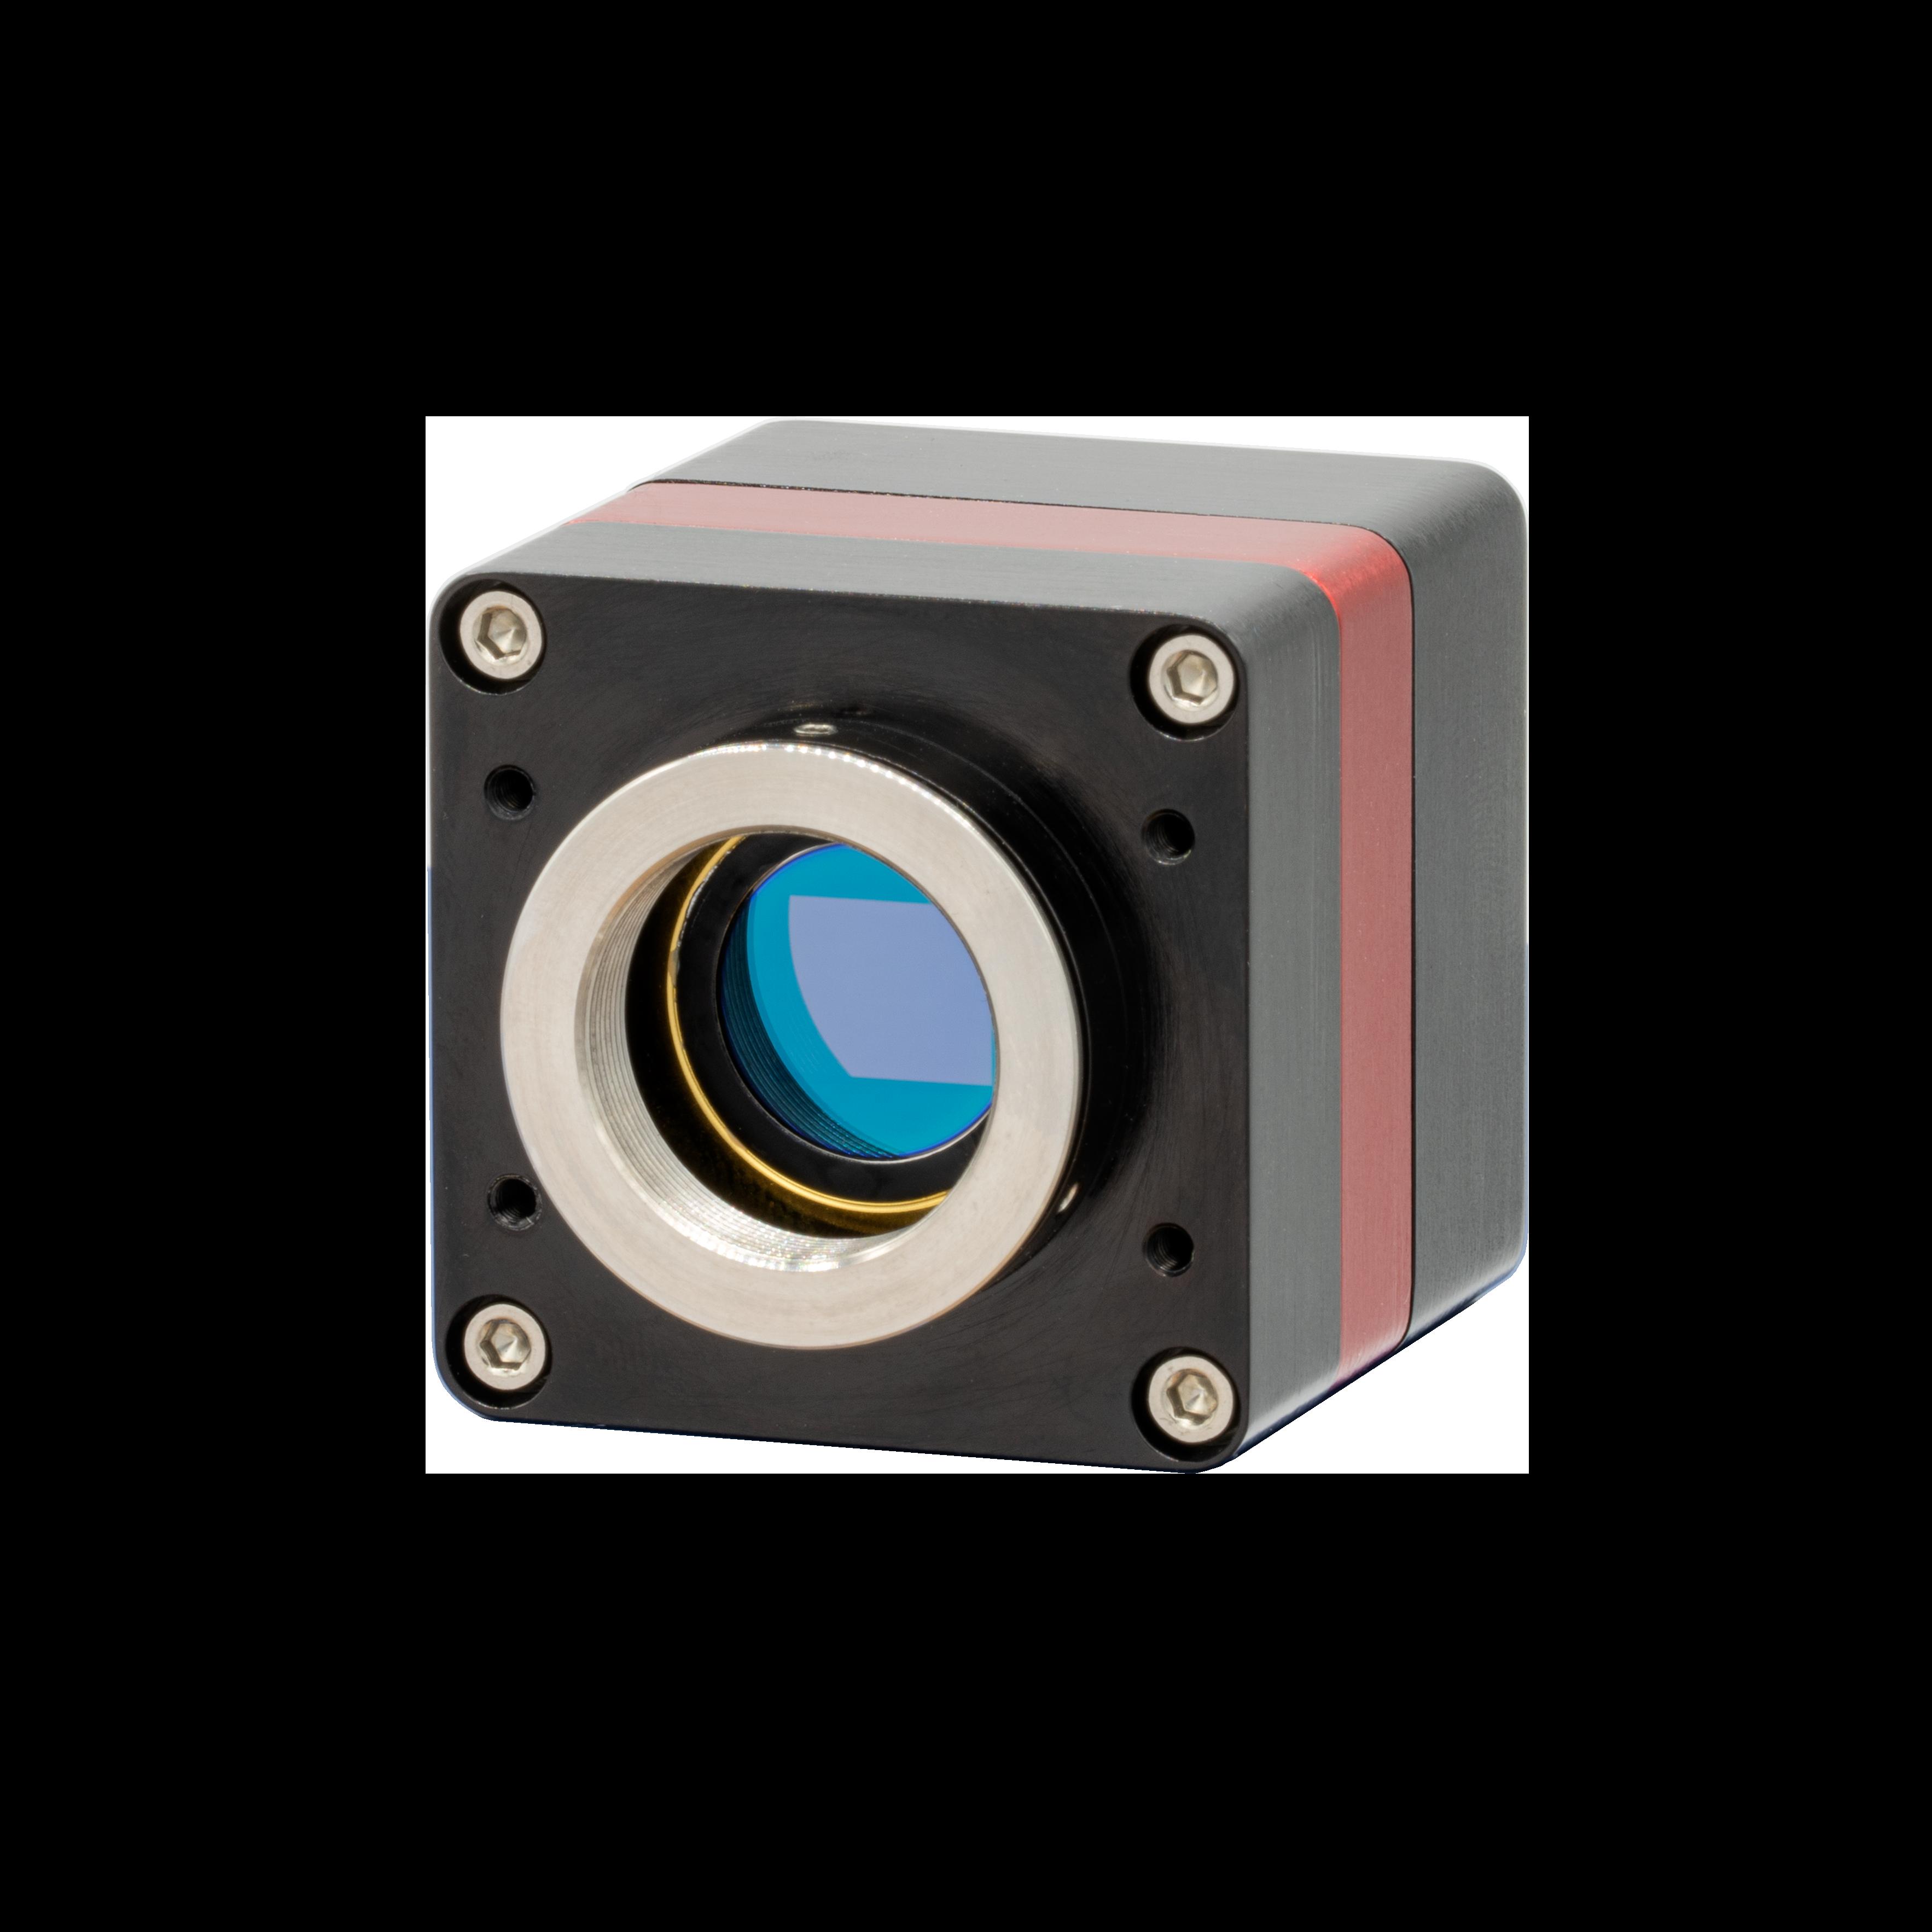 Raptor OWL 640 T VIS-SWIR Camera